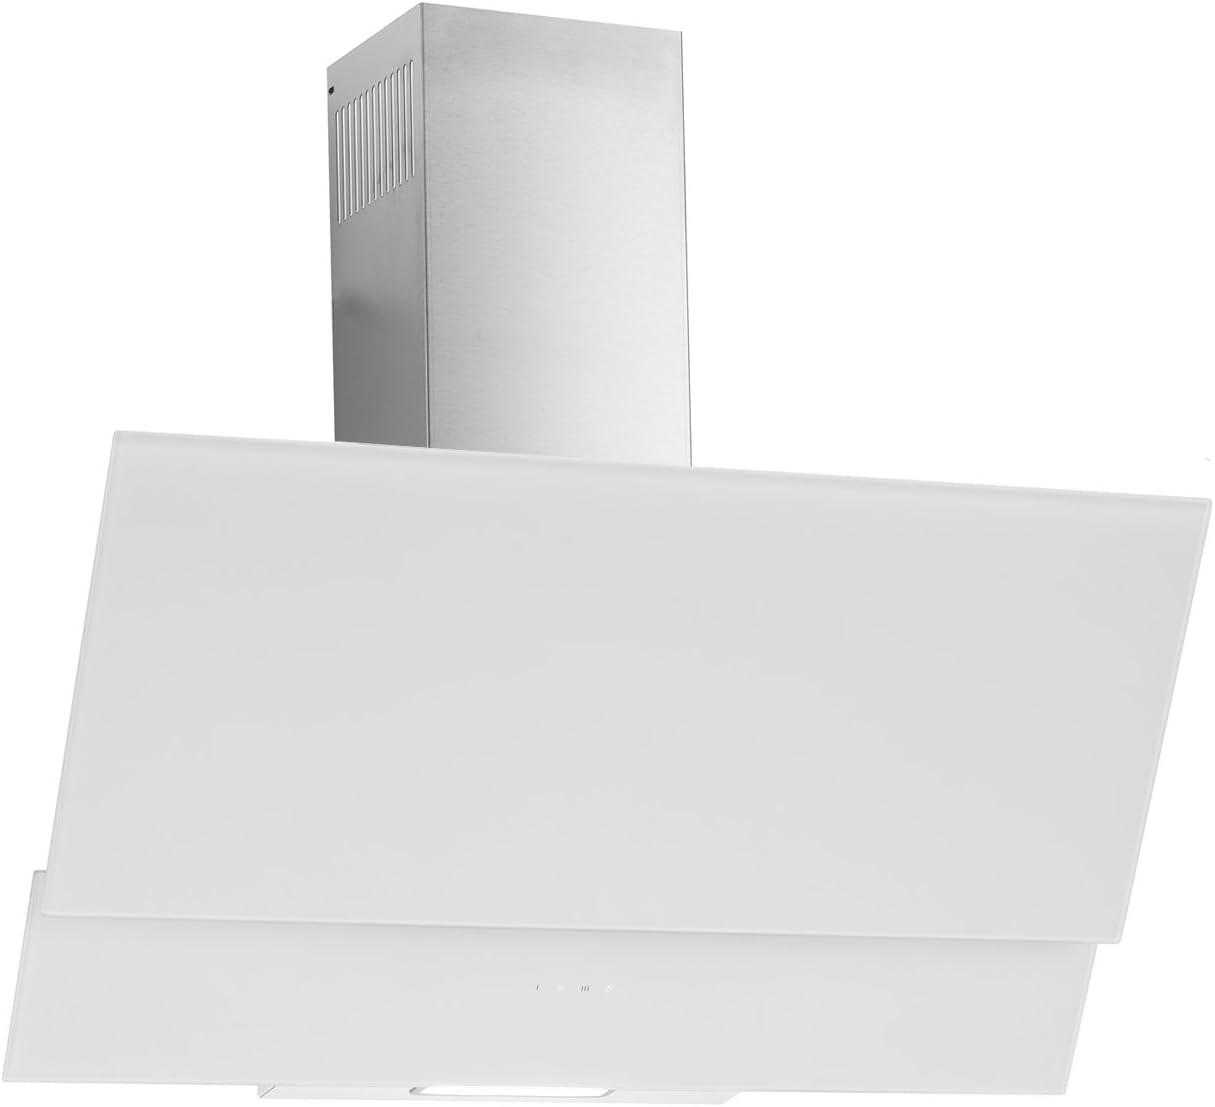 Campana extractora libre de cabeza Capella Blanco Cristal 90 cm, eficiencia energética: A 850 m³/h Motor Acero Inoxidable Chimenea: Amazon.es: Grandes electrodomésticos